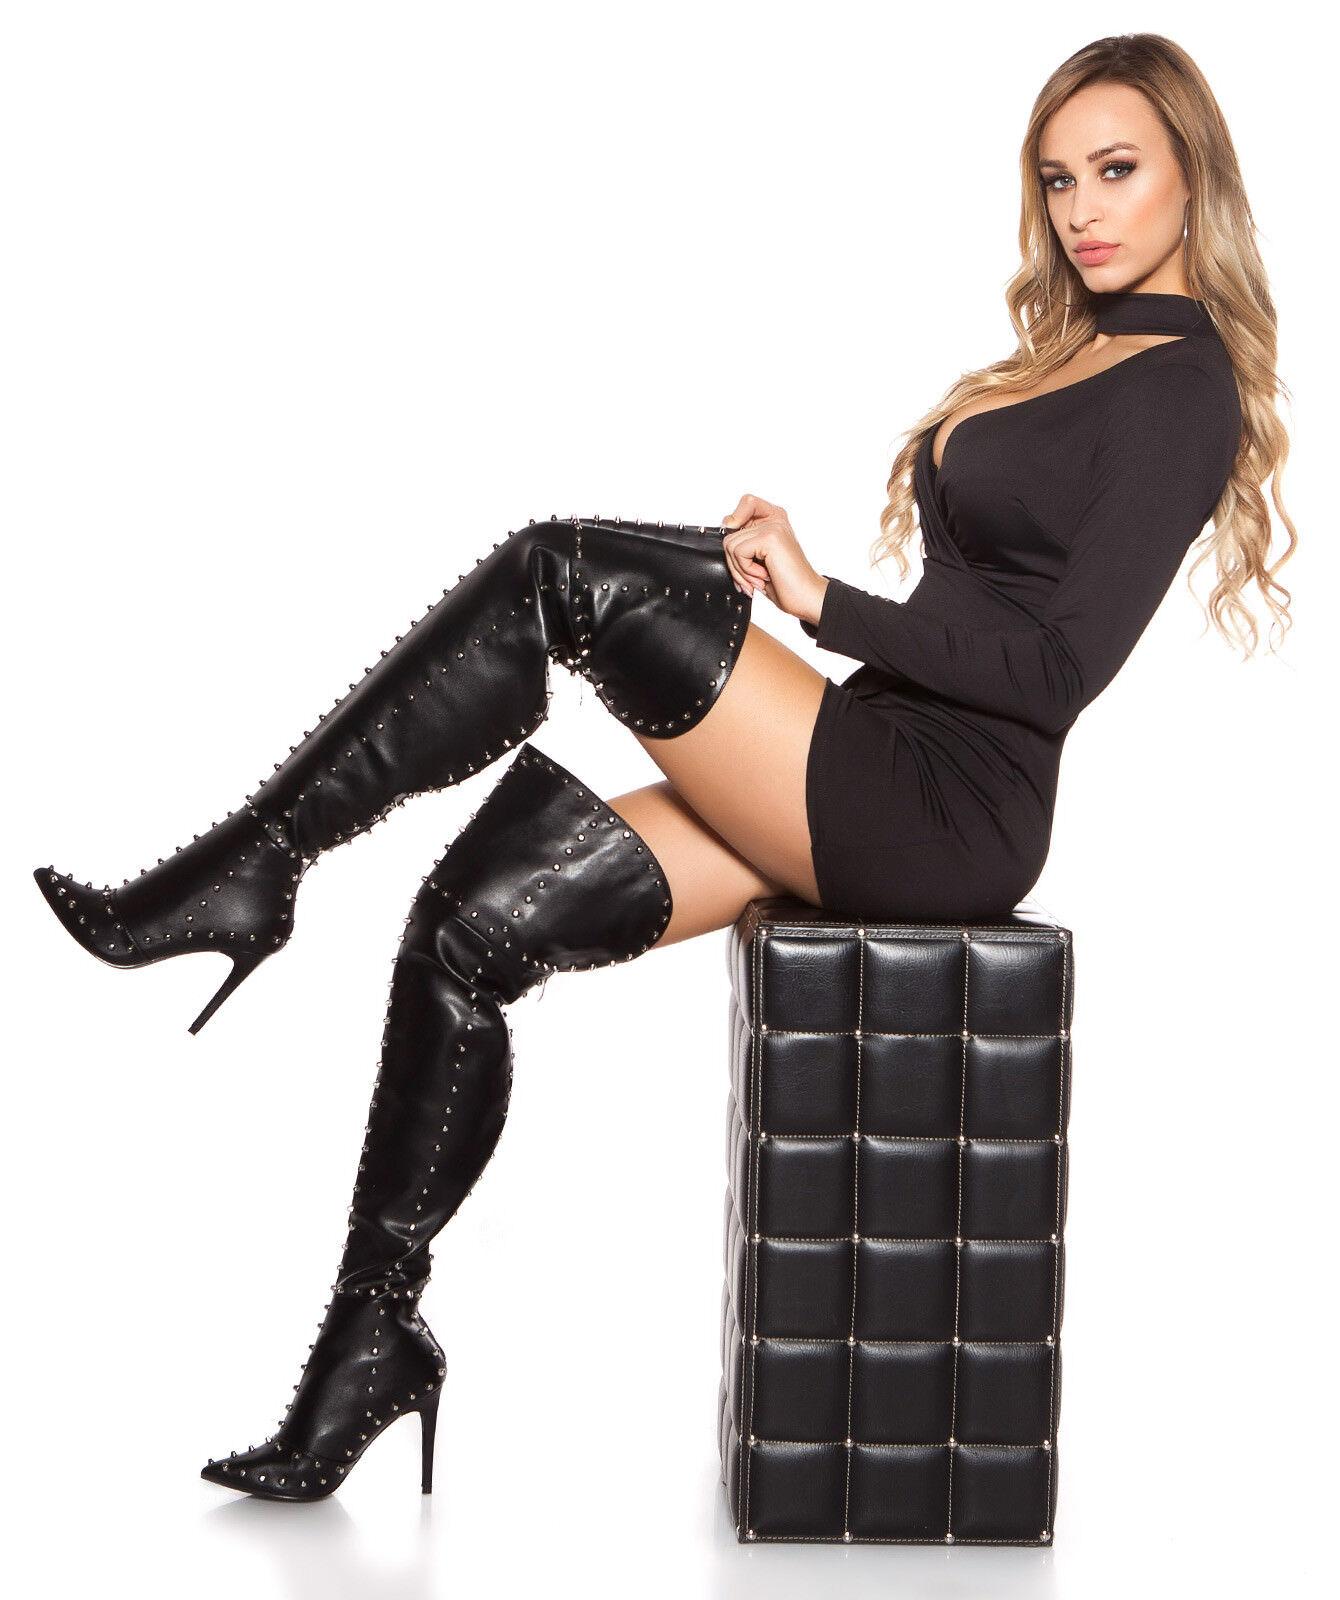 Sexy Wow tacón alto cuero botas de plataforma tacones altos Gogo remaches tabledance